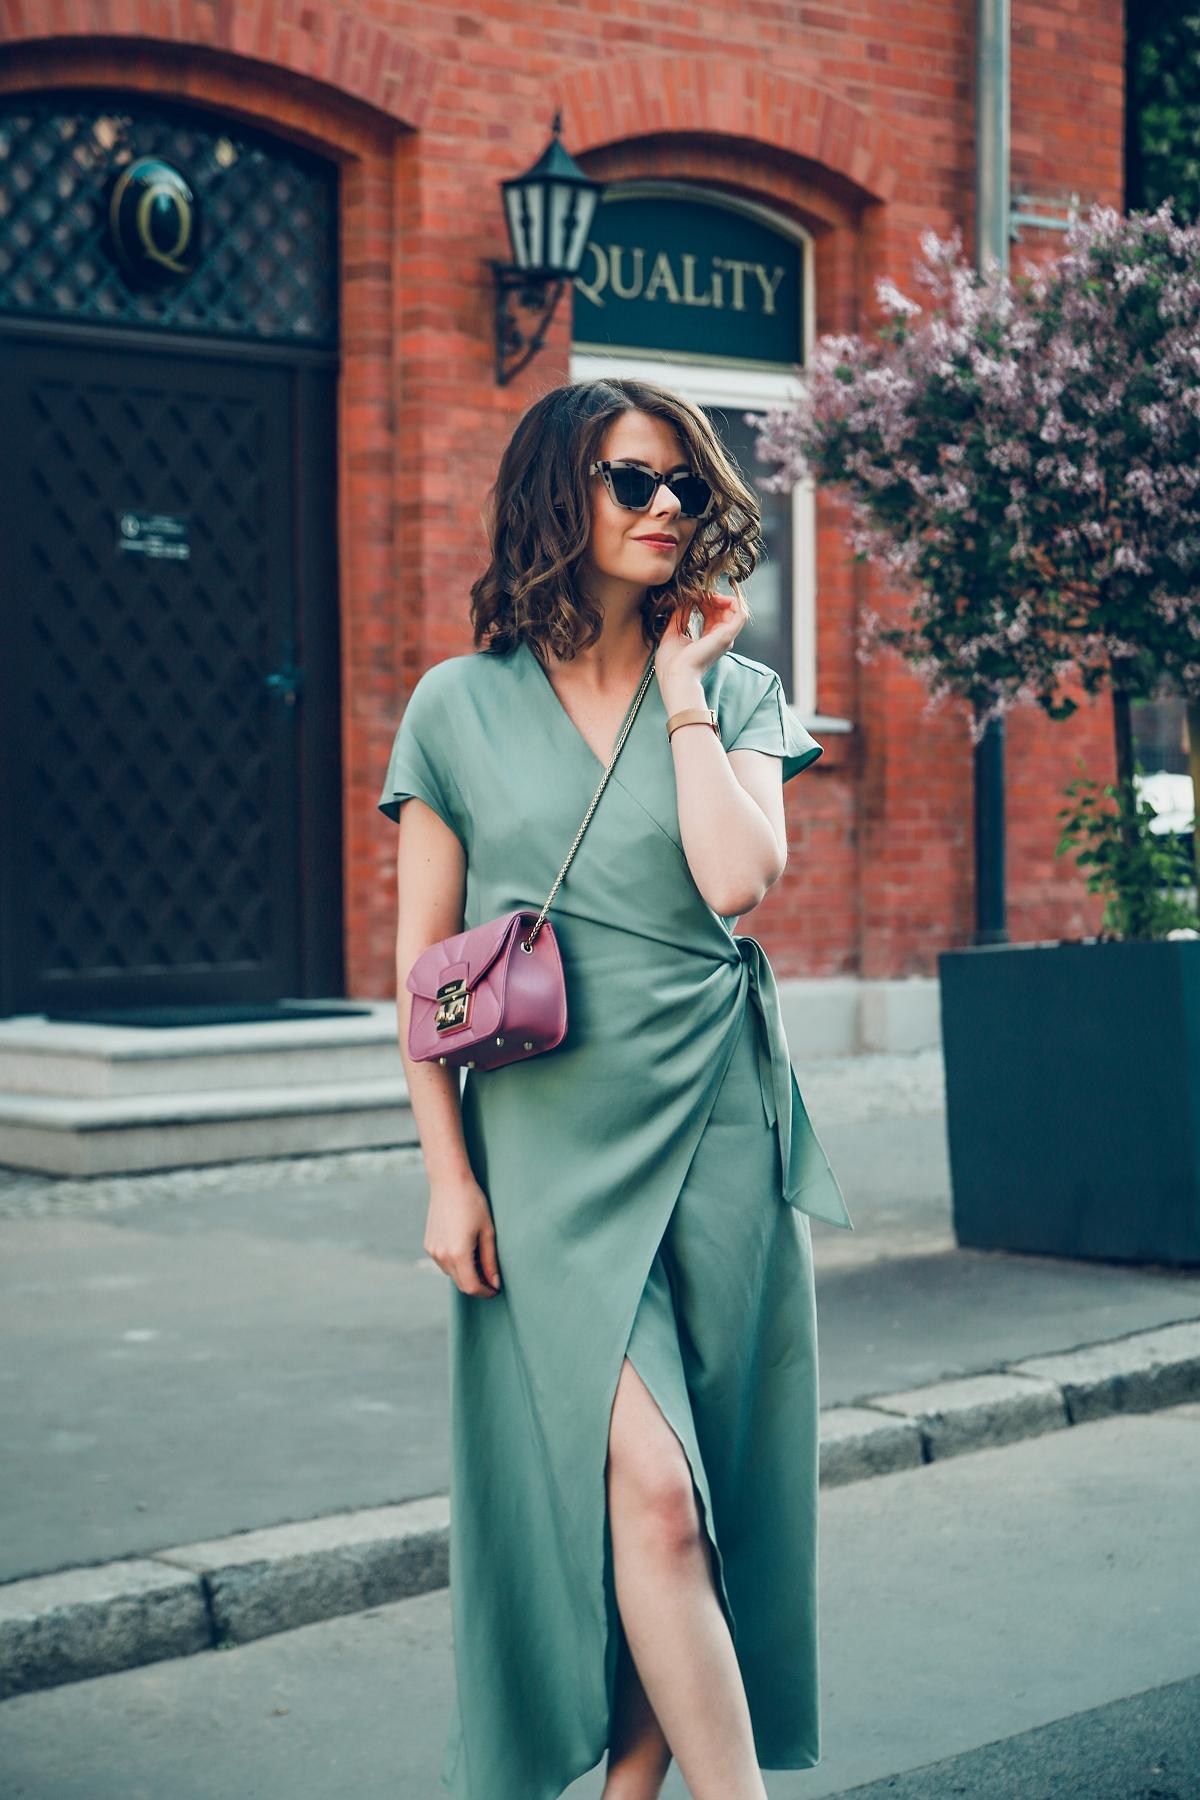 sukienka-na-wesele-mieta-i-kolor-lawendowy-blog-modowy-6